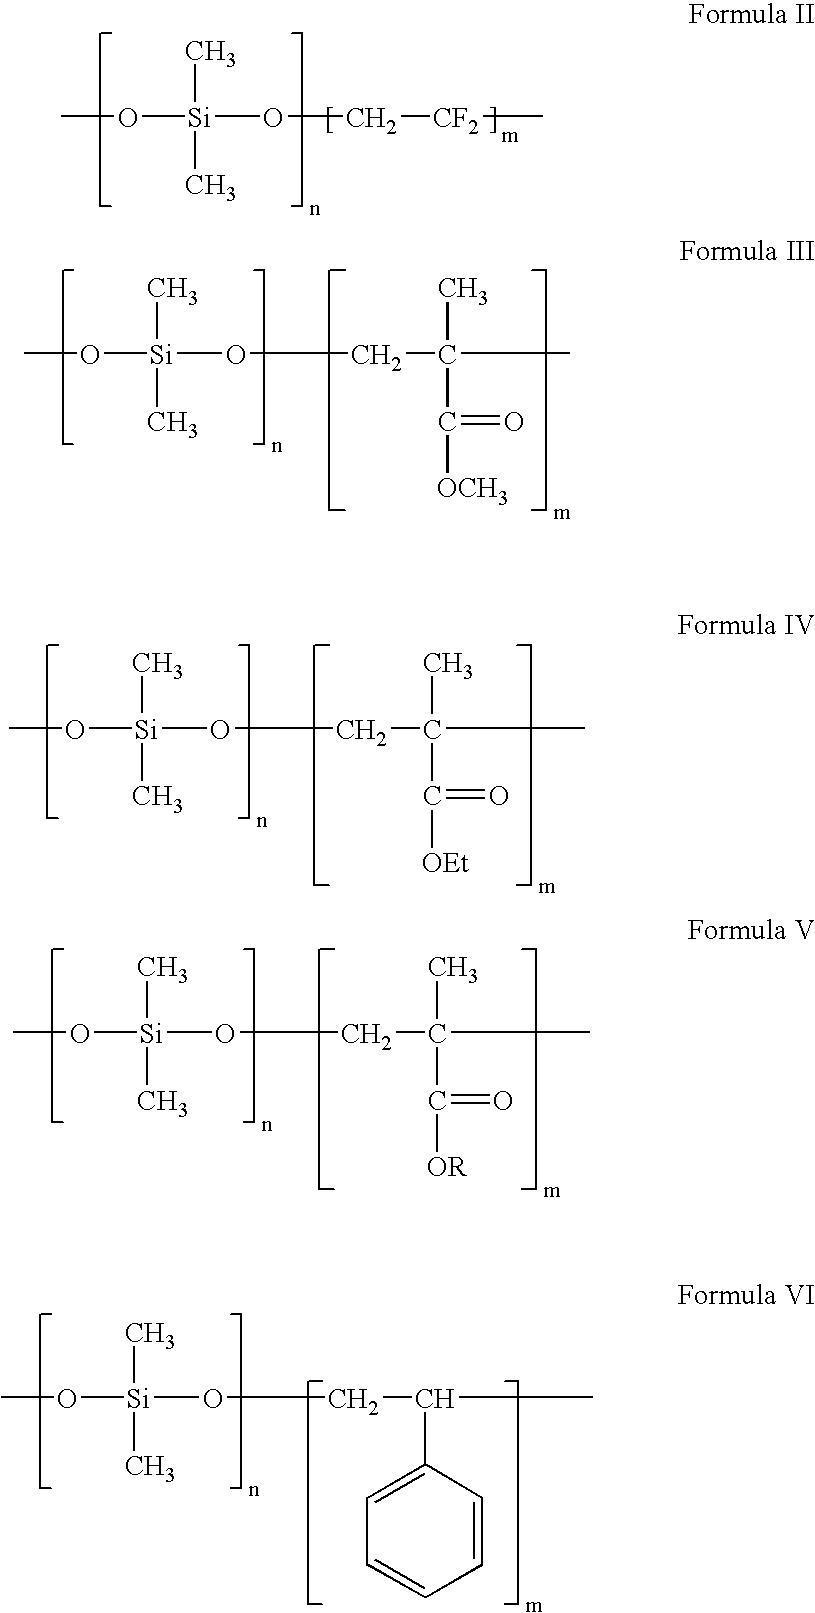 Figure US07494665-20090224-C00006